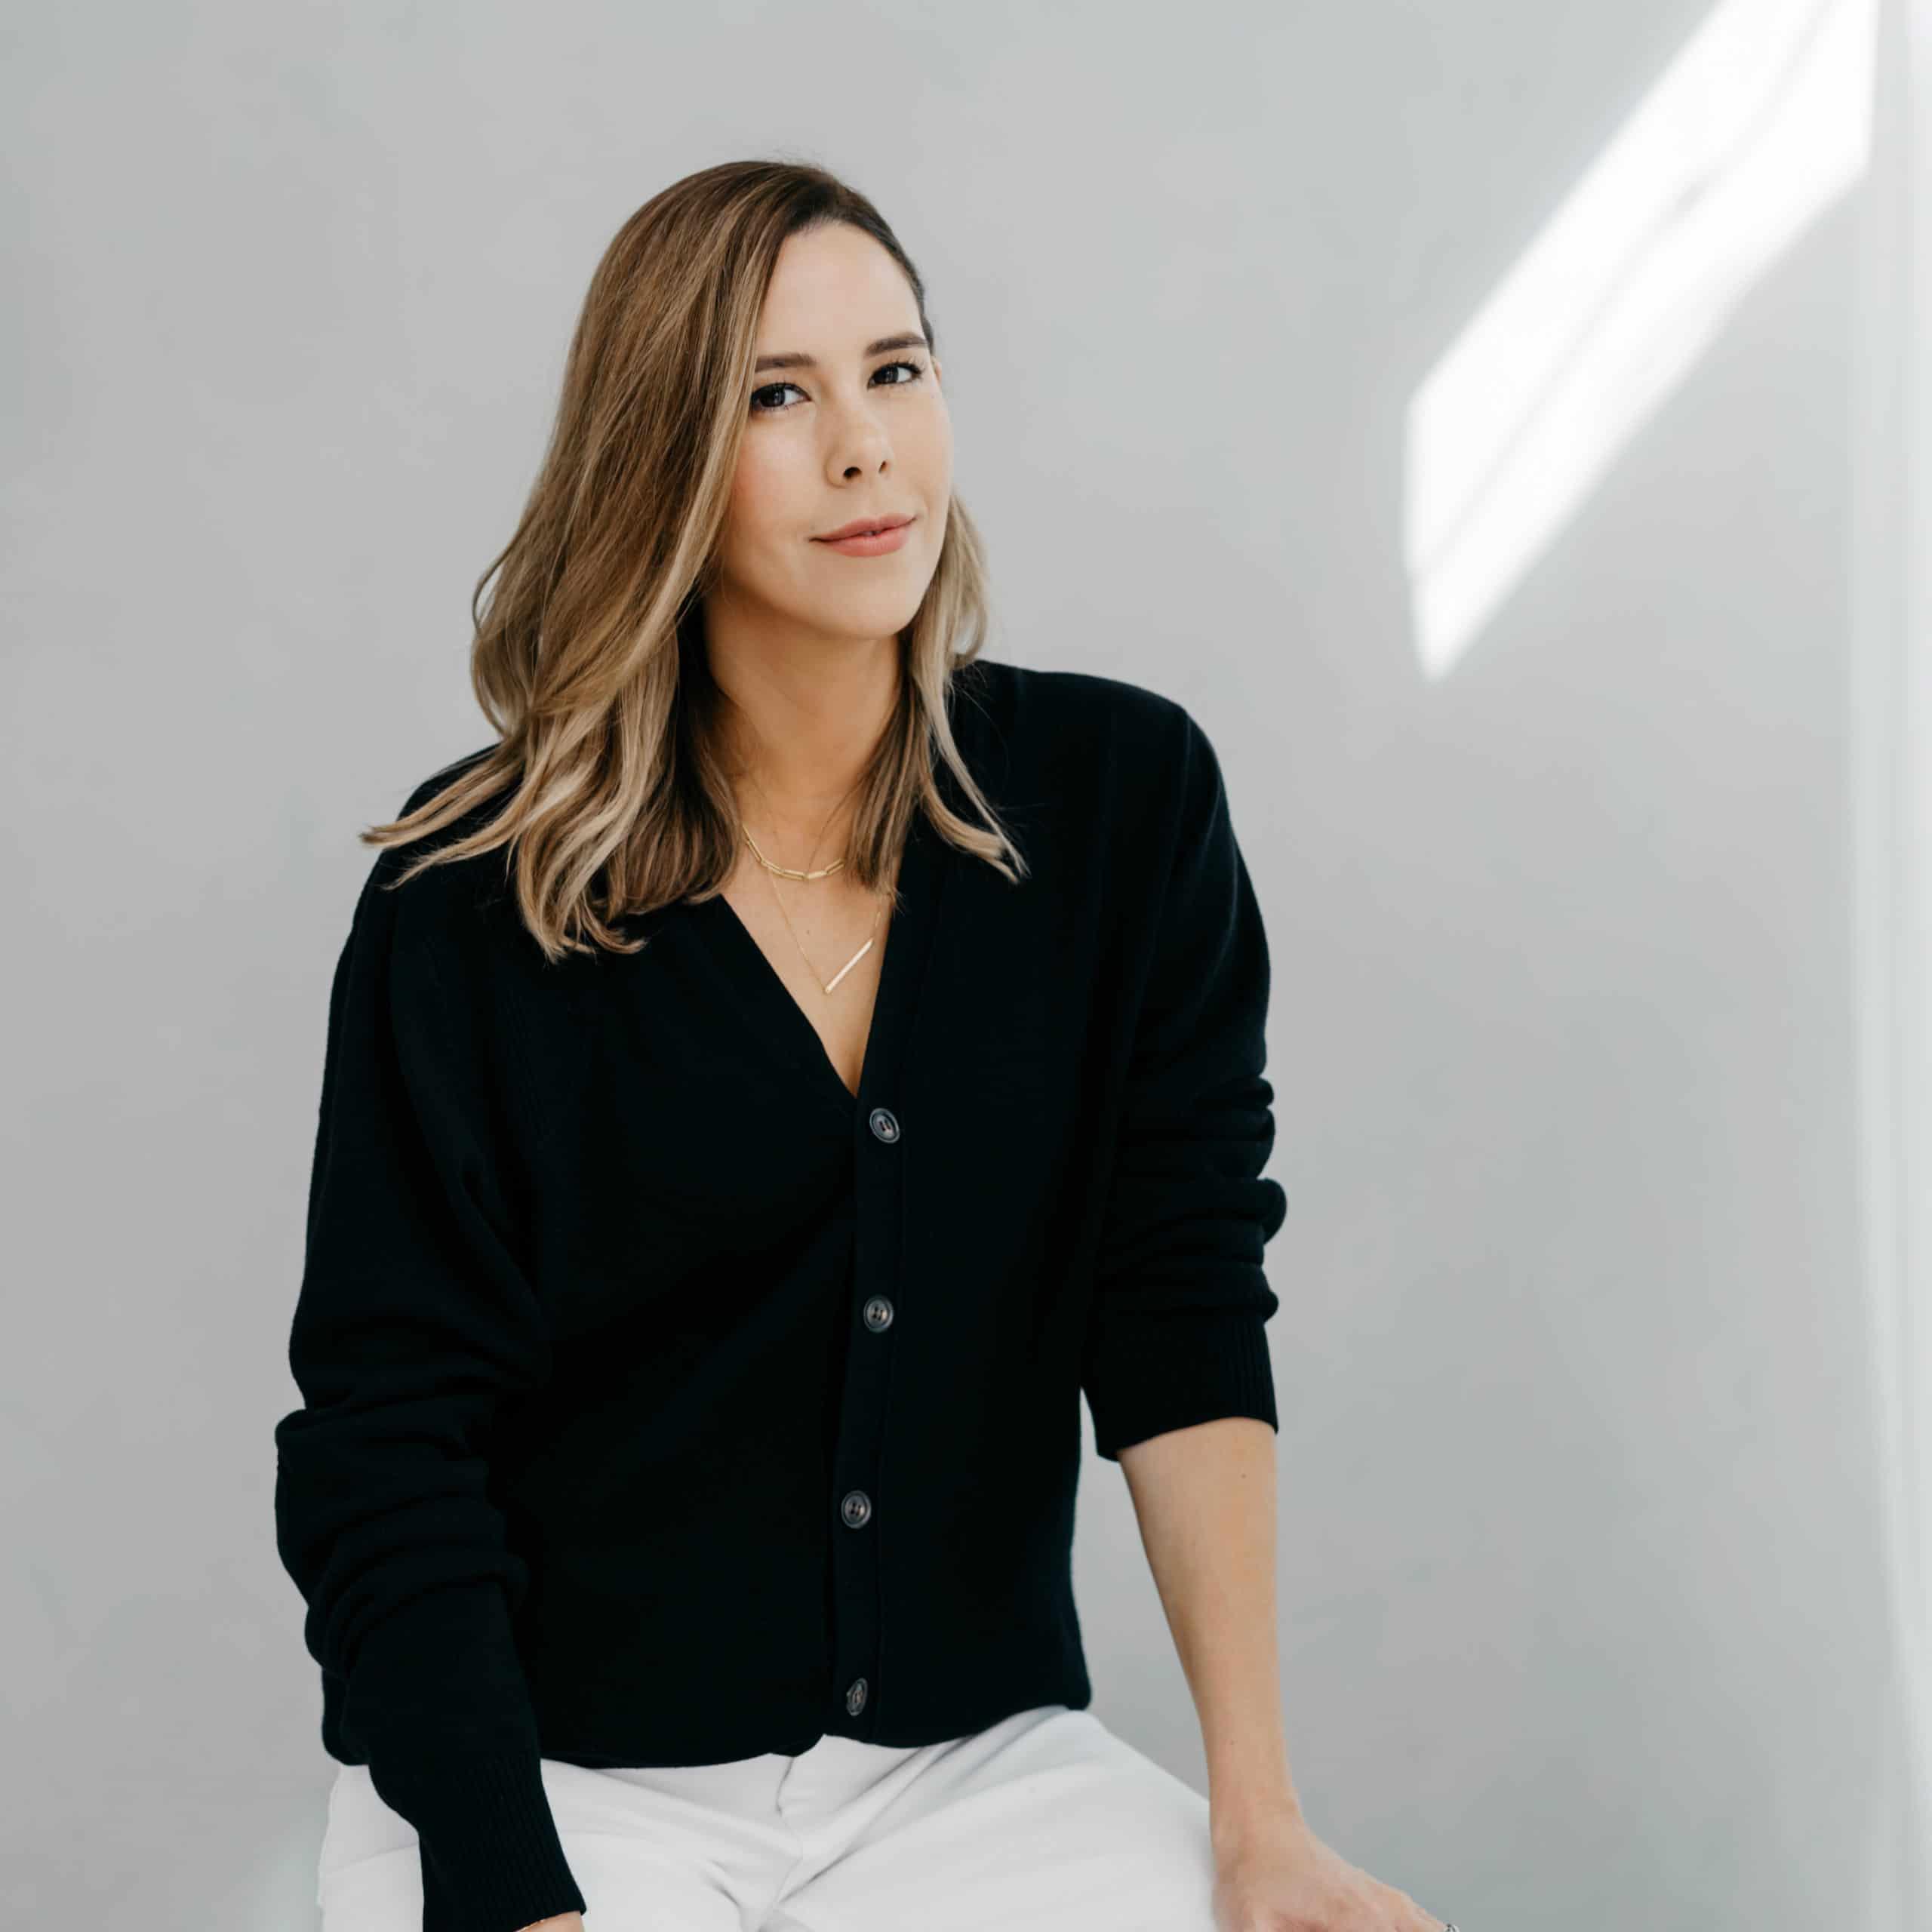 Adriana Rivera Miranda